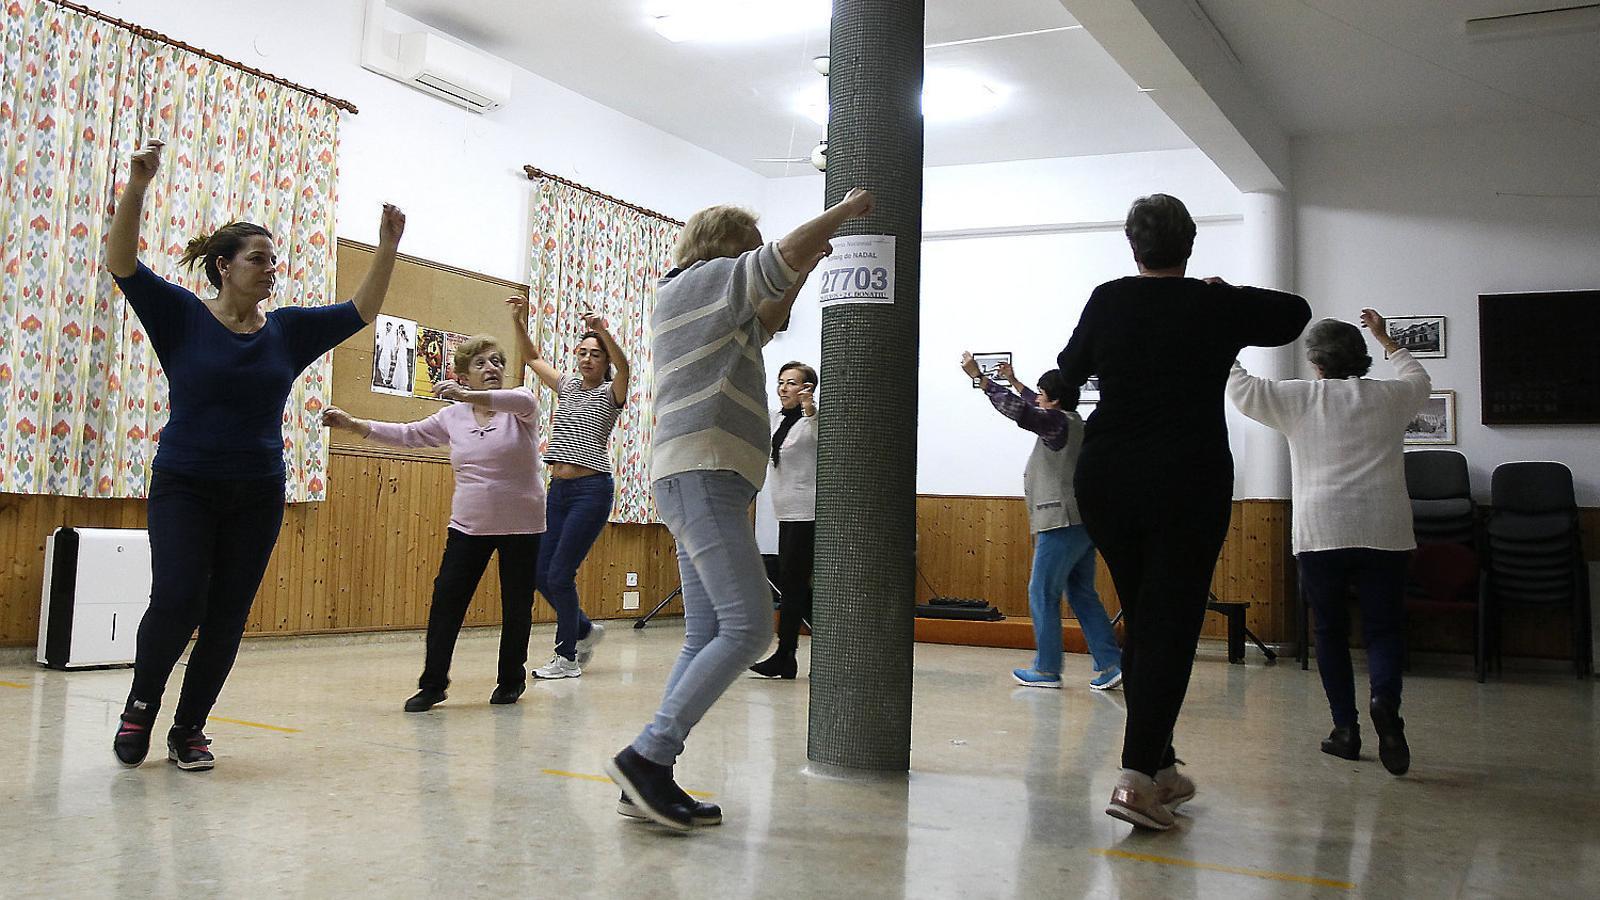 ELS DIMARTS DE BALL La música canvia i es passa dels boleros del ball de bot a les danses que es ballen d'aferrat, i també a d'altres ritmes lleugers que són propis del ball de saló. L'ambient que s'hi percep és de cordialitat, bon humor i ganes de passar-ho bé plegats.